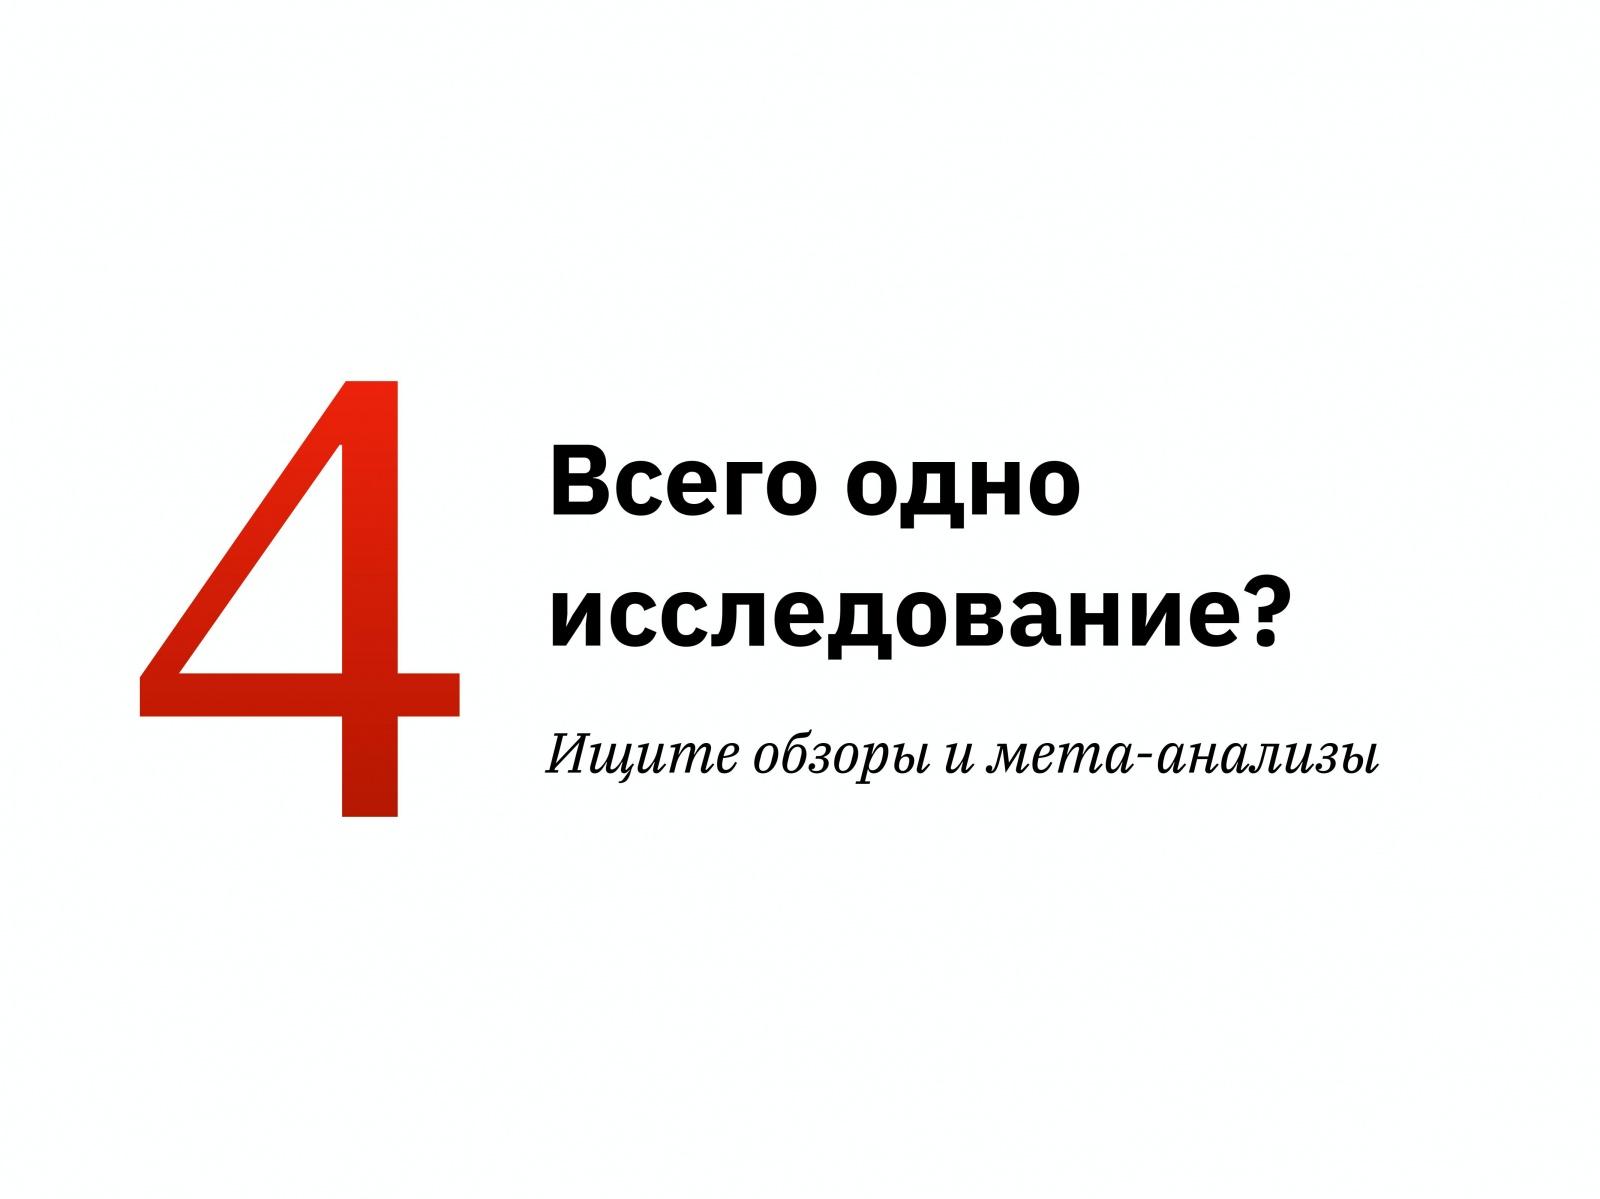 Алексей Каптерев: Критическое мышление 101 (часть 2) - 80